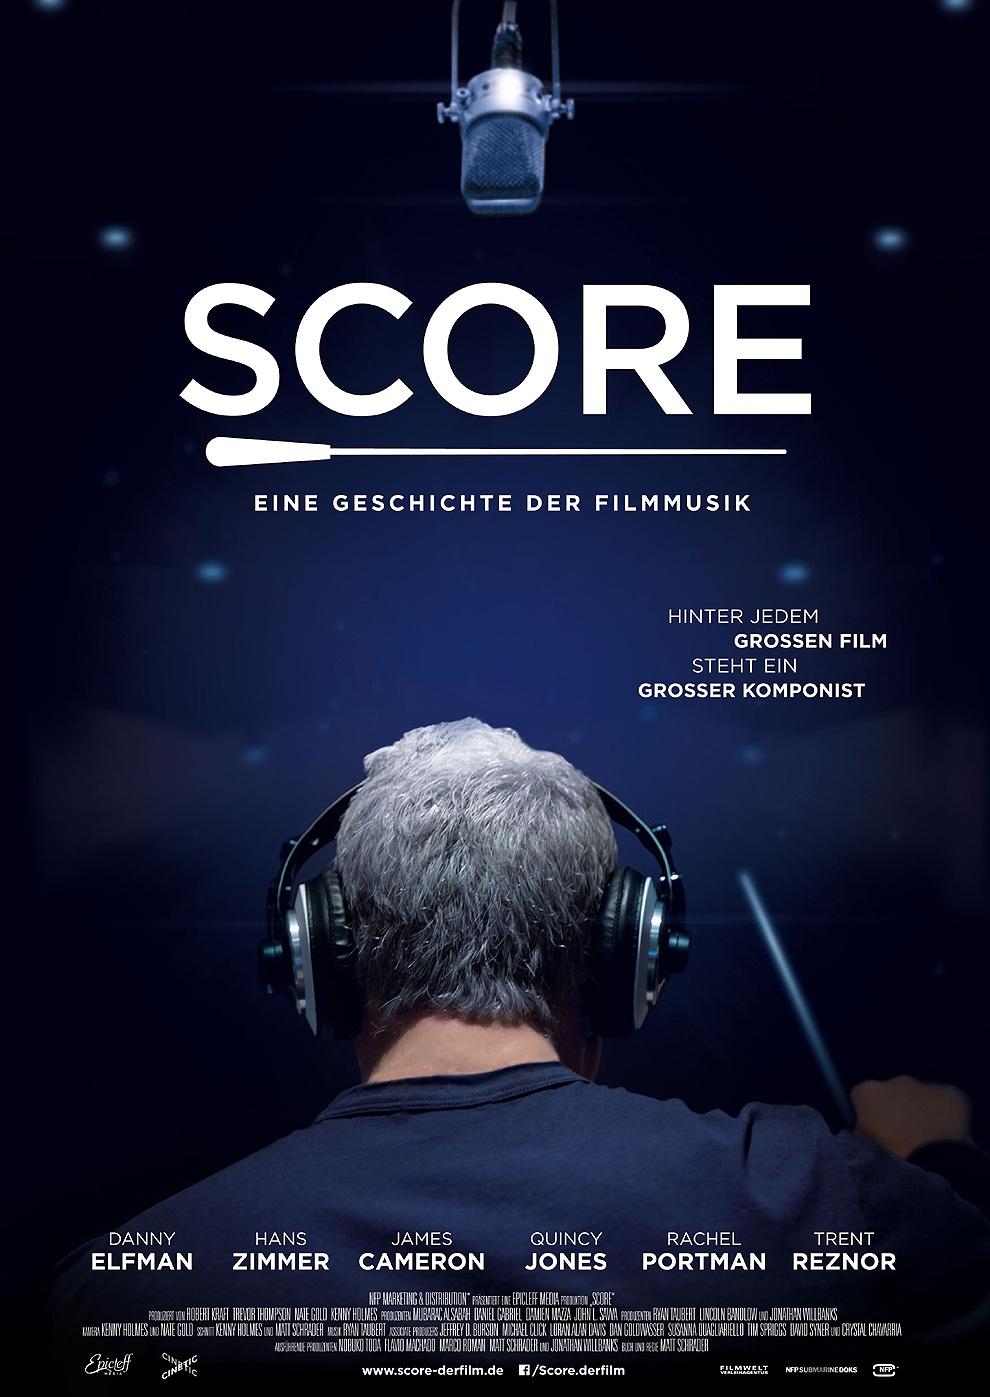 Score - Eine Geschichte der Filmmusik (Poster)